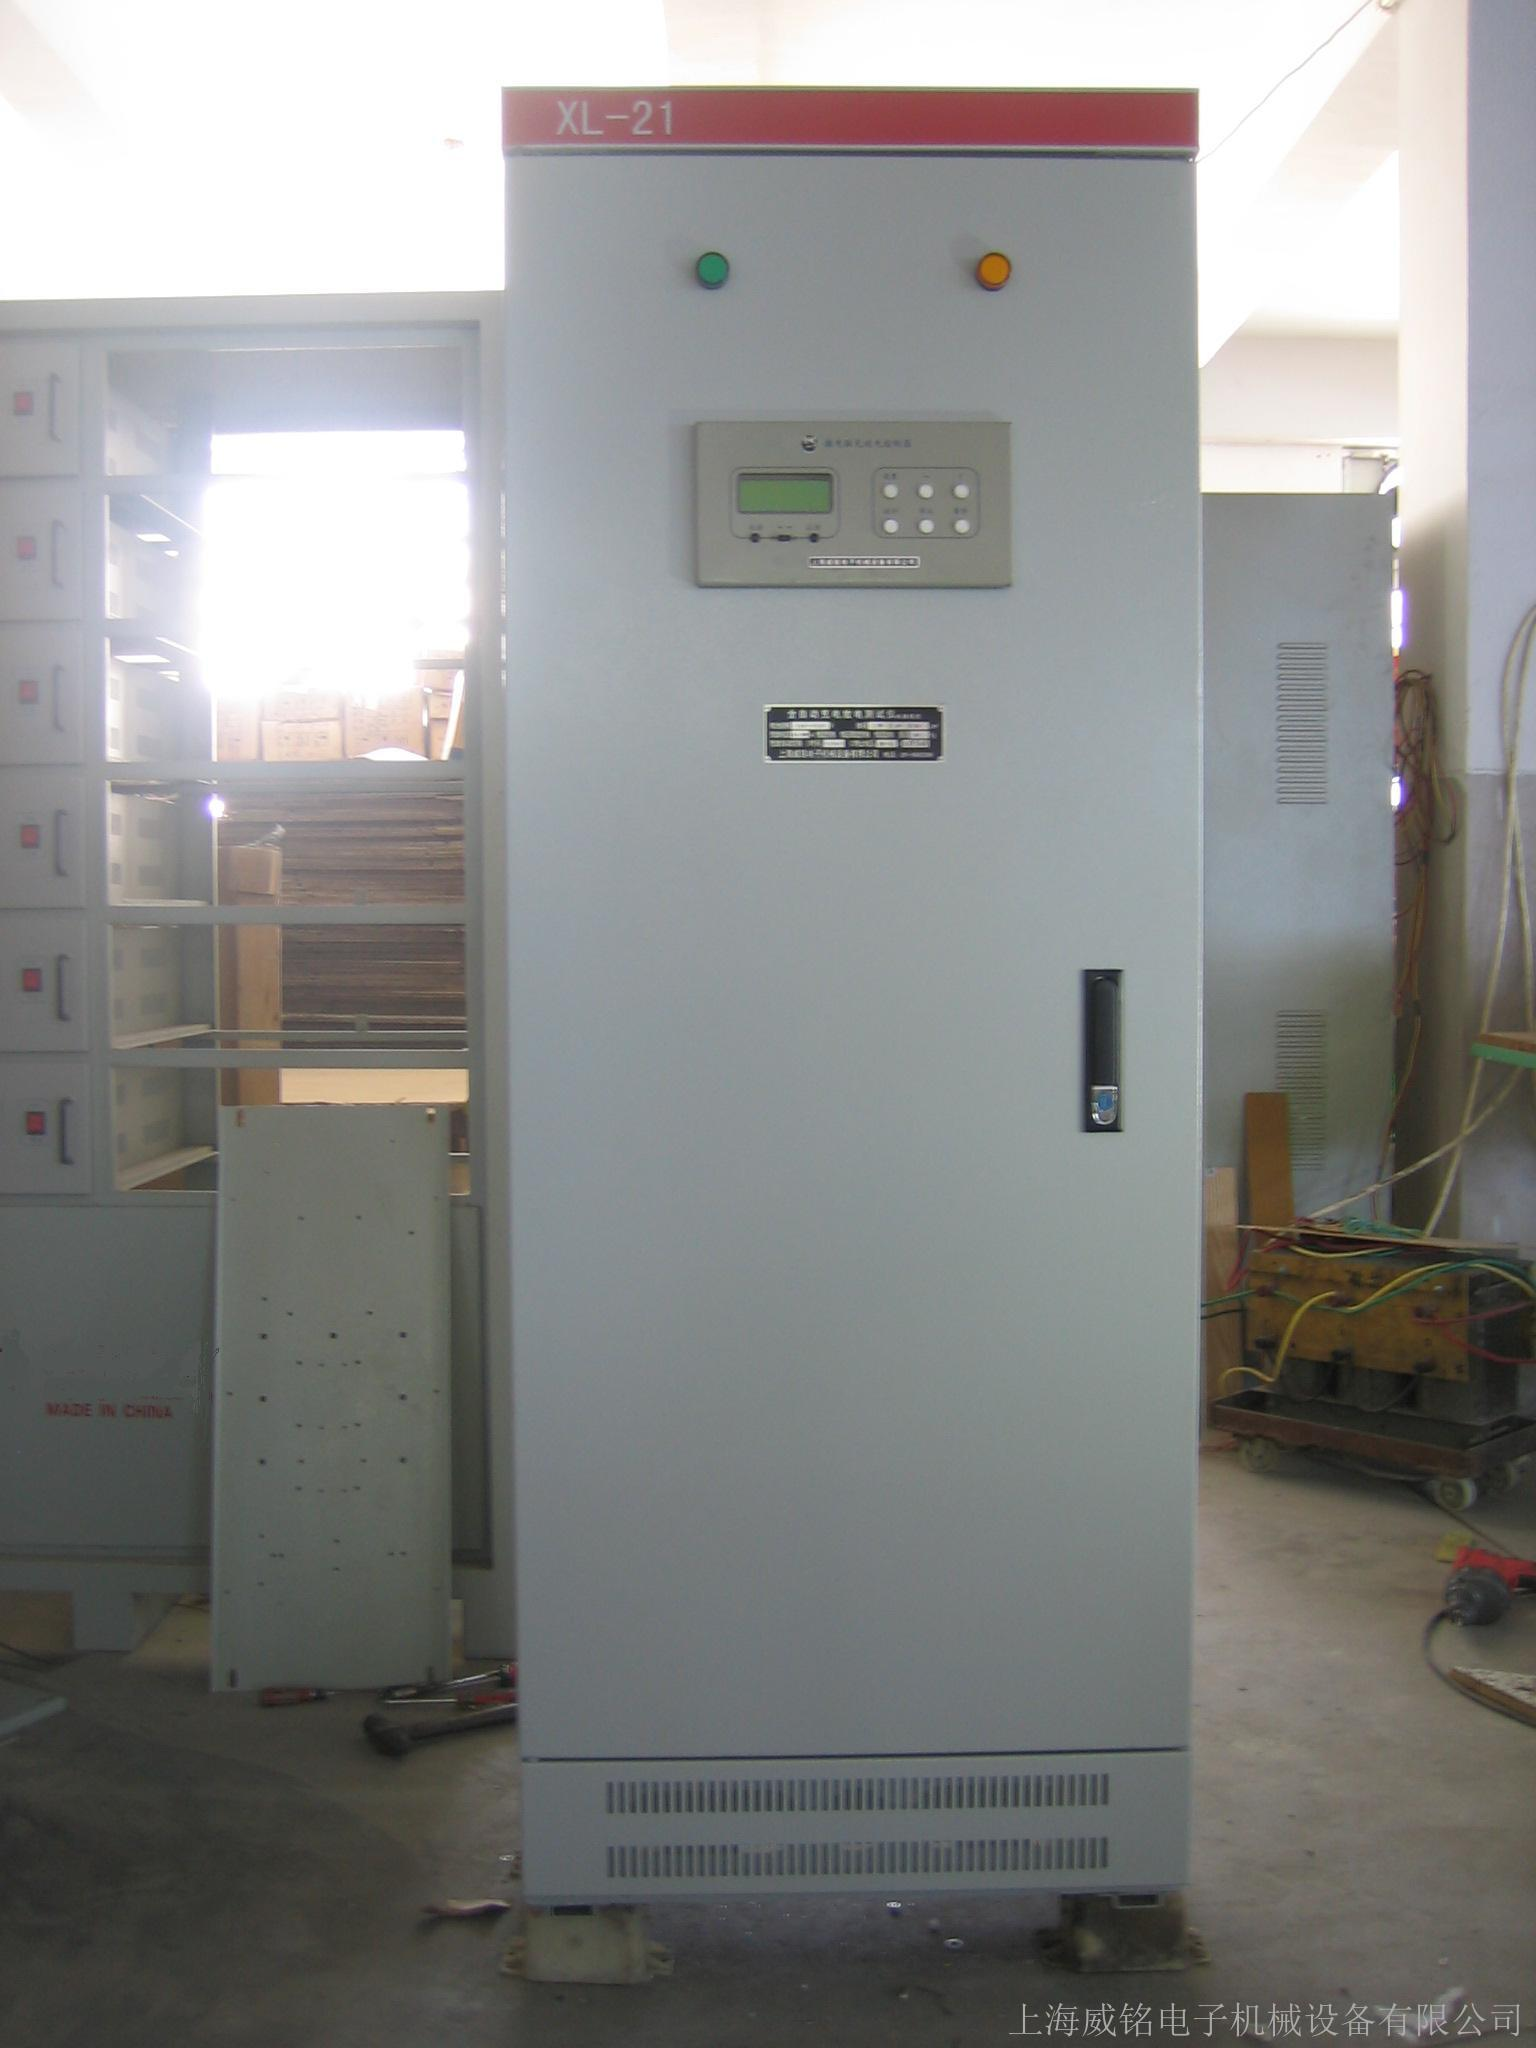 蓄电池容量充电放电循环寿命测试仪上海 威铭 电脑程控 主要技术参数: 1. 充电电流:恒流0~100.0A可设置。 2. 充电电压:恒压0~18.00V可设置。 3. 放电电流:恒流0~200.0A可设置。 4. 放电电压:终止0~13.00V可设置。 5. 电池电压:可测试6-12V蓄电池组(特殊可做到用2V-12V电池。 蓄电池容量充电放电循环寿命测试仪 上海 威铭 电脑程控 6.